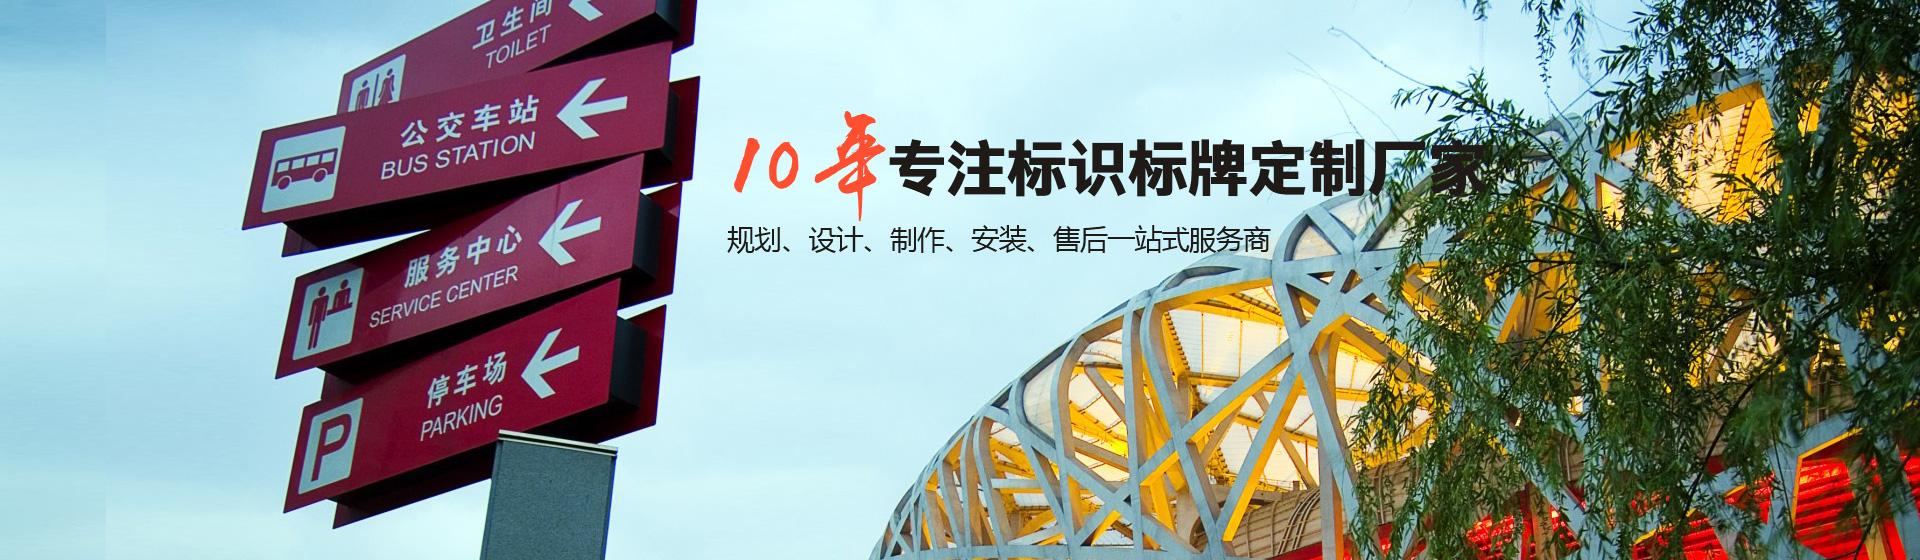 商场标识,郑州标识牌,郑州标牌厂,郑州标识标牌